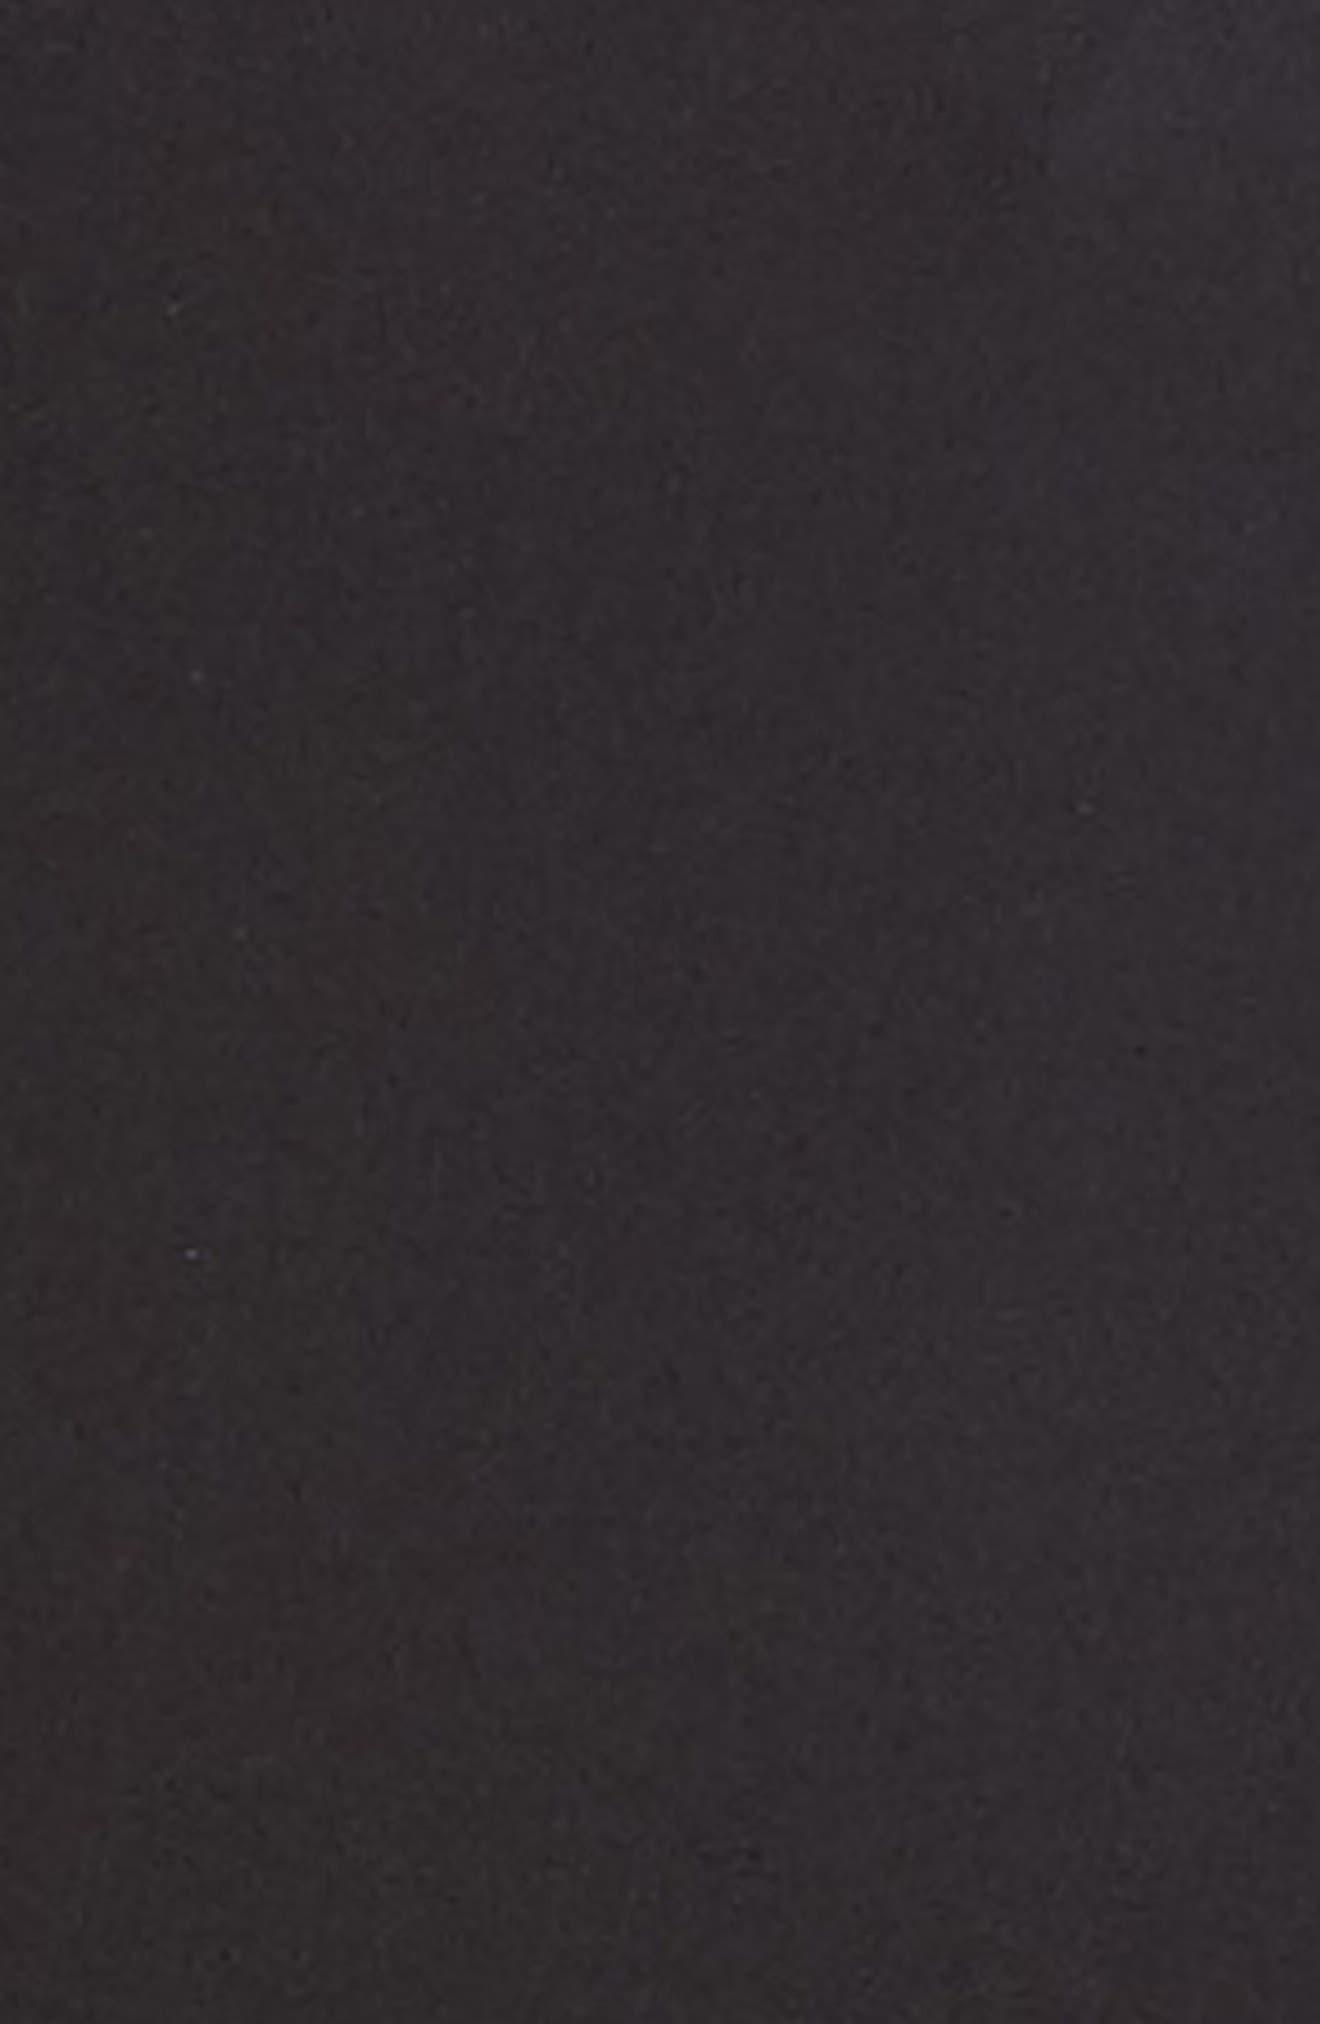 CK Black Briefs,                             Alternate thumbnail 4, color,                             001